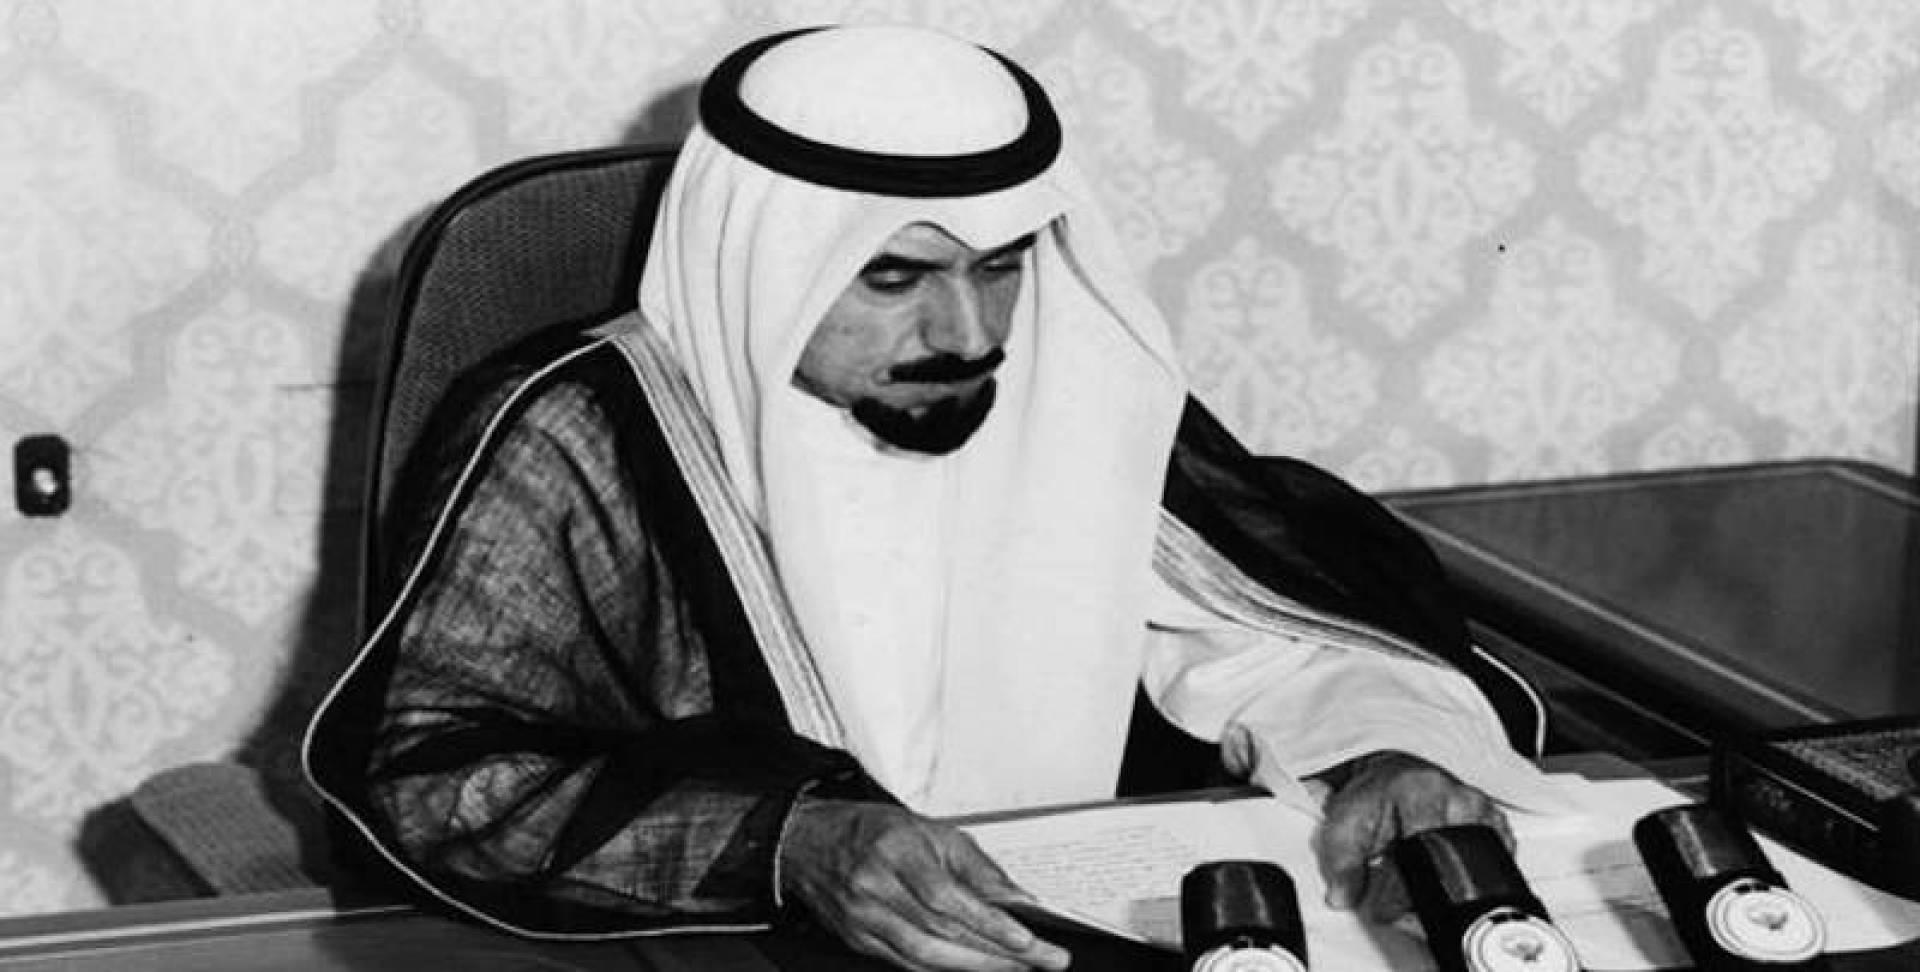 سمو أمير البلاد الشيخ جابر الأحمد الصباح يحيي الشعب على صموده في وجه الإرهاب